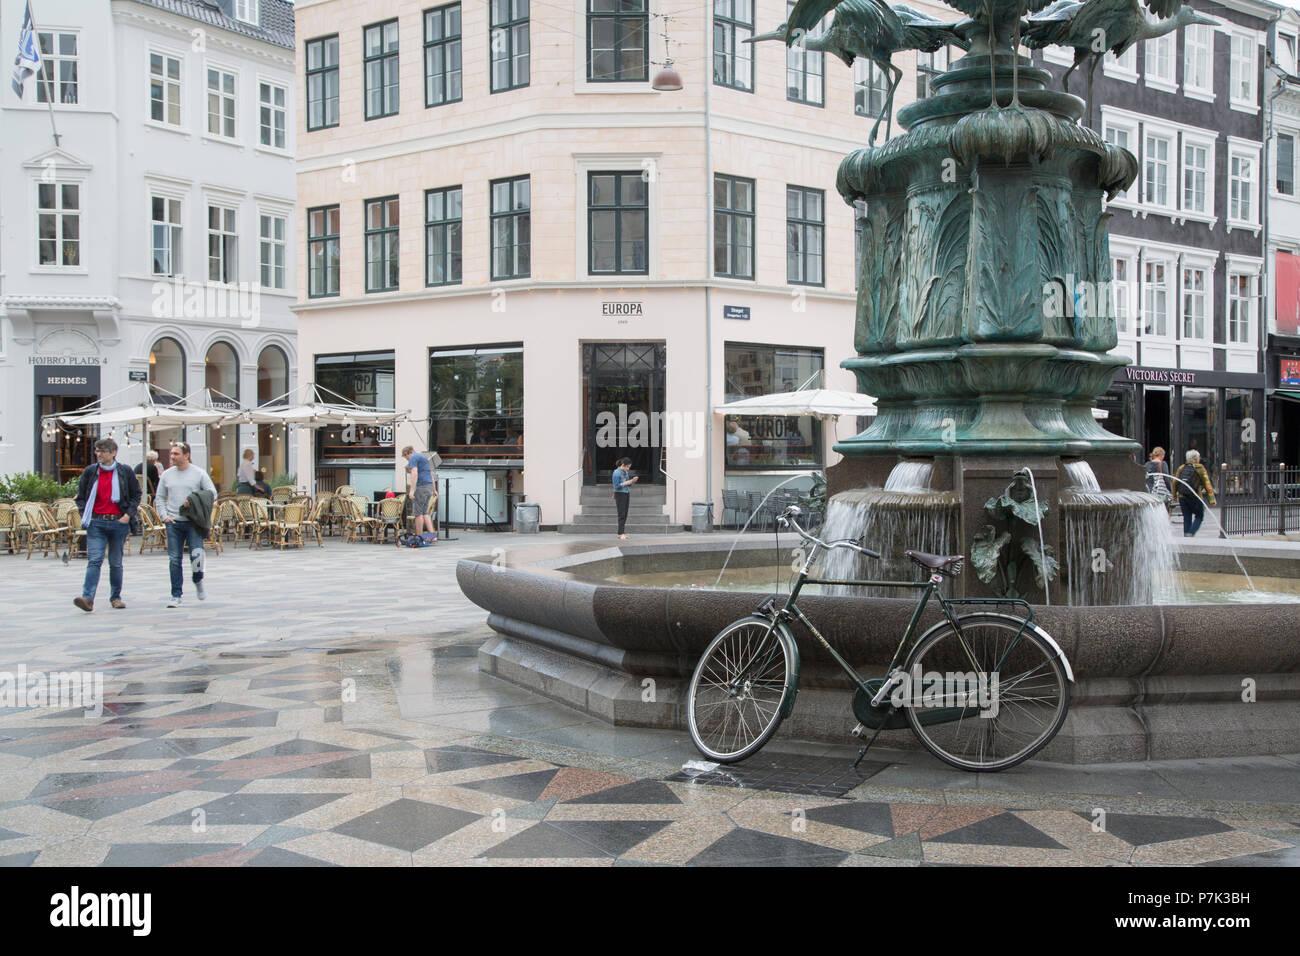 Stork Fountain in Amagertorv Square, Copenhagen; Denmark - Stock Image